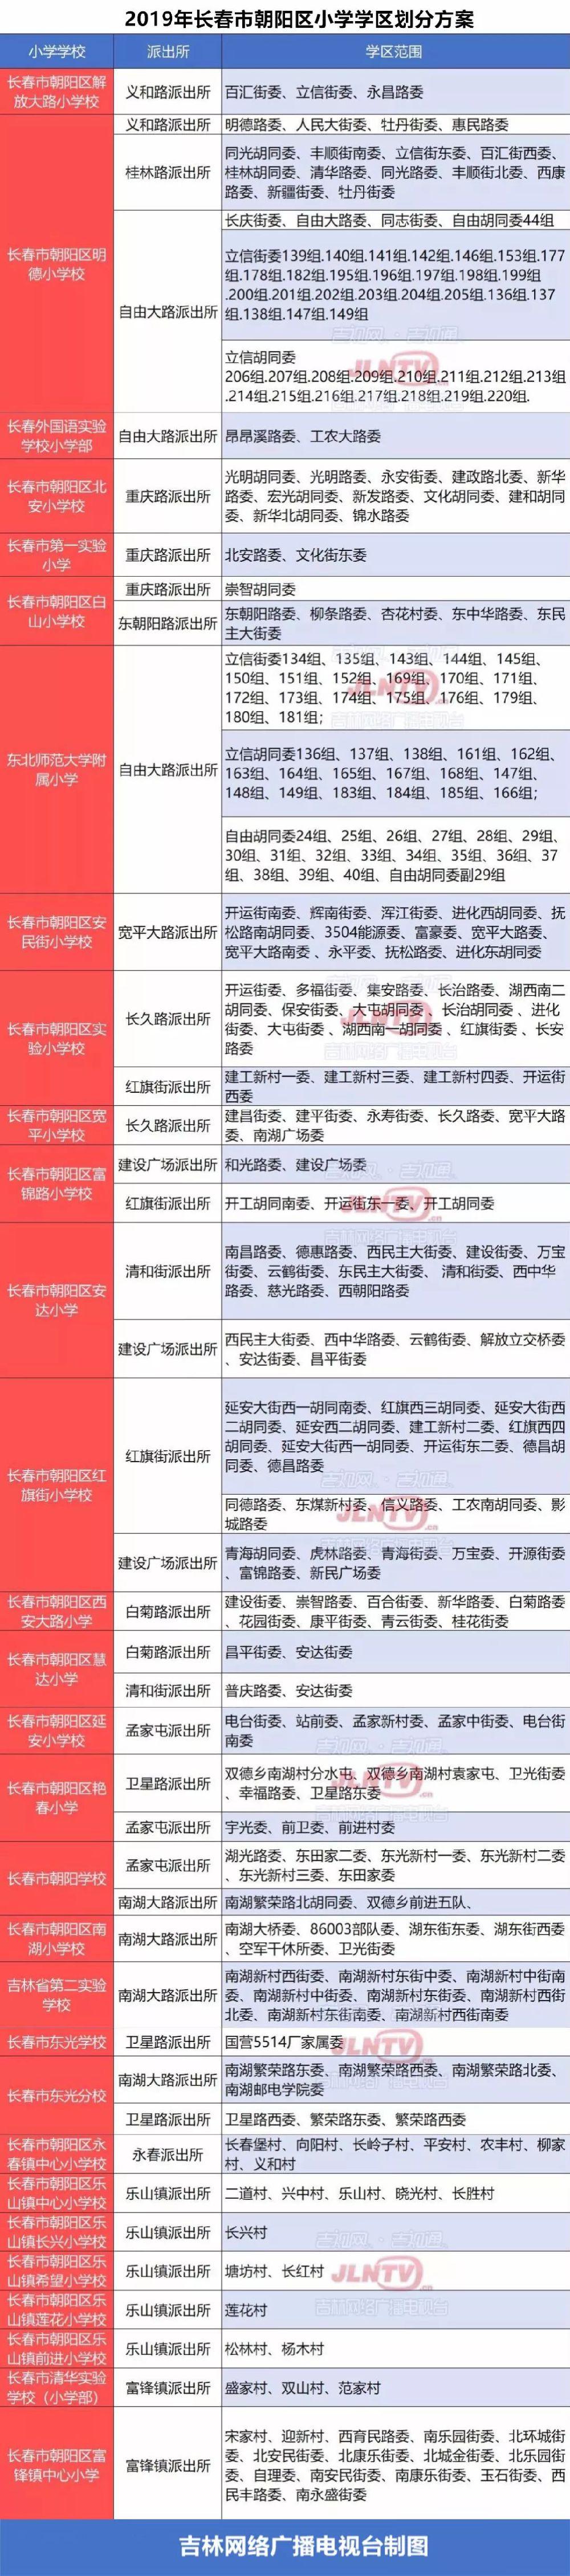 2019长春市朝阳区学区划分方案出炉